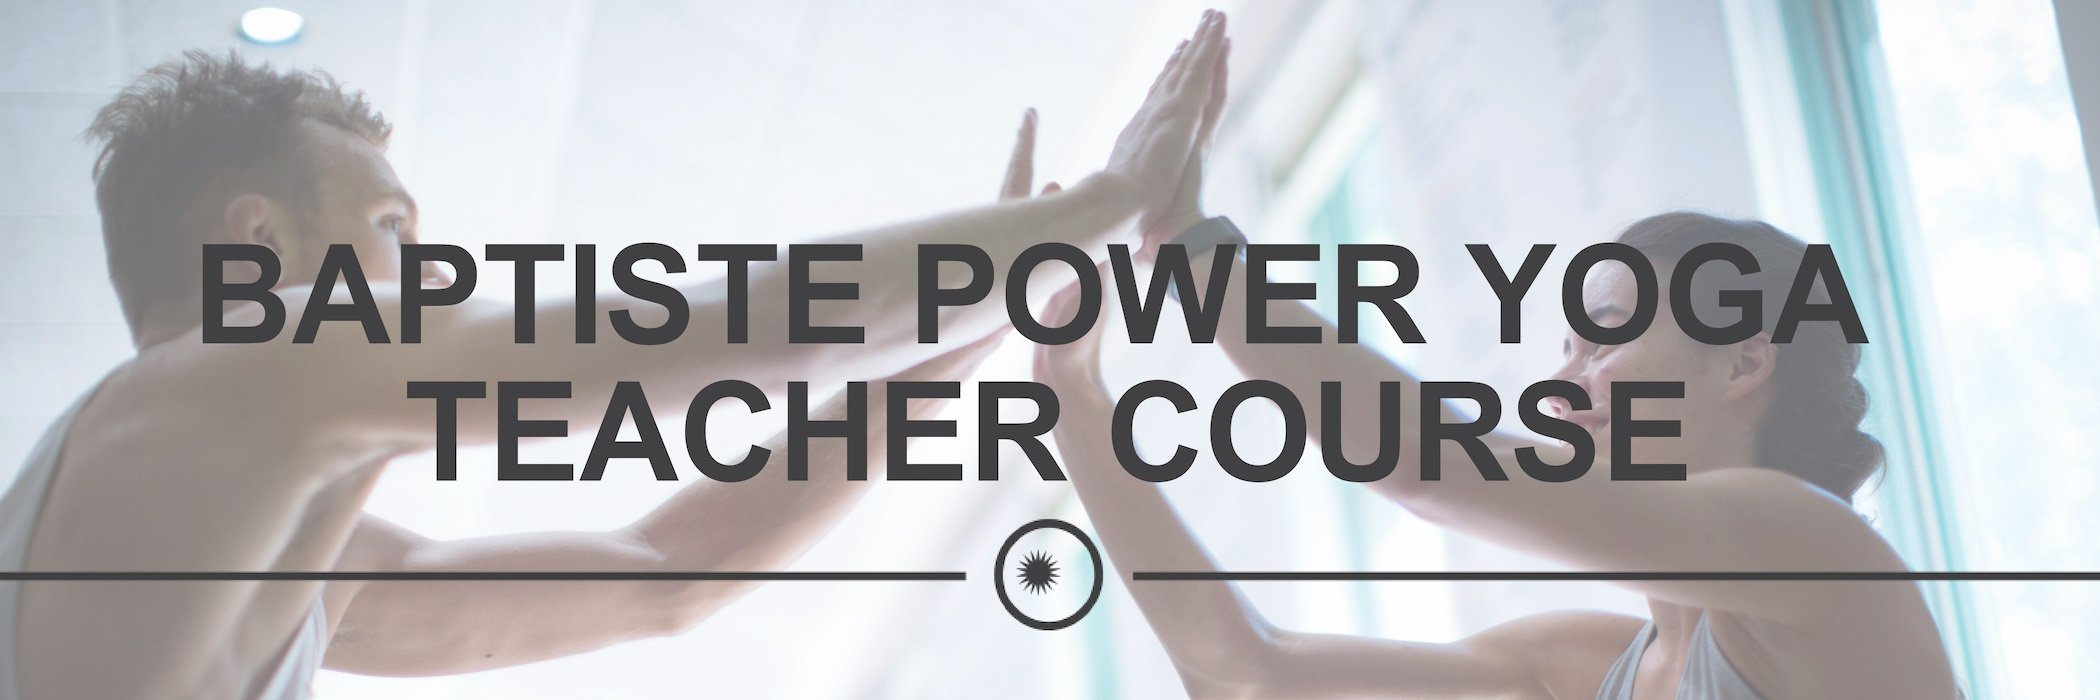 baptiste-power-yoga-teacher-course.jpg